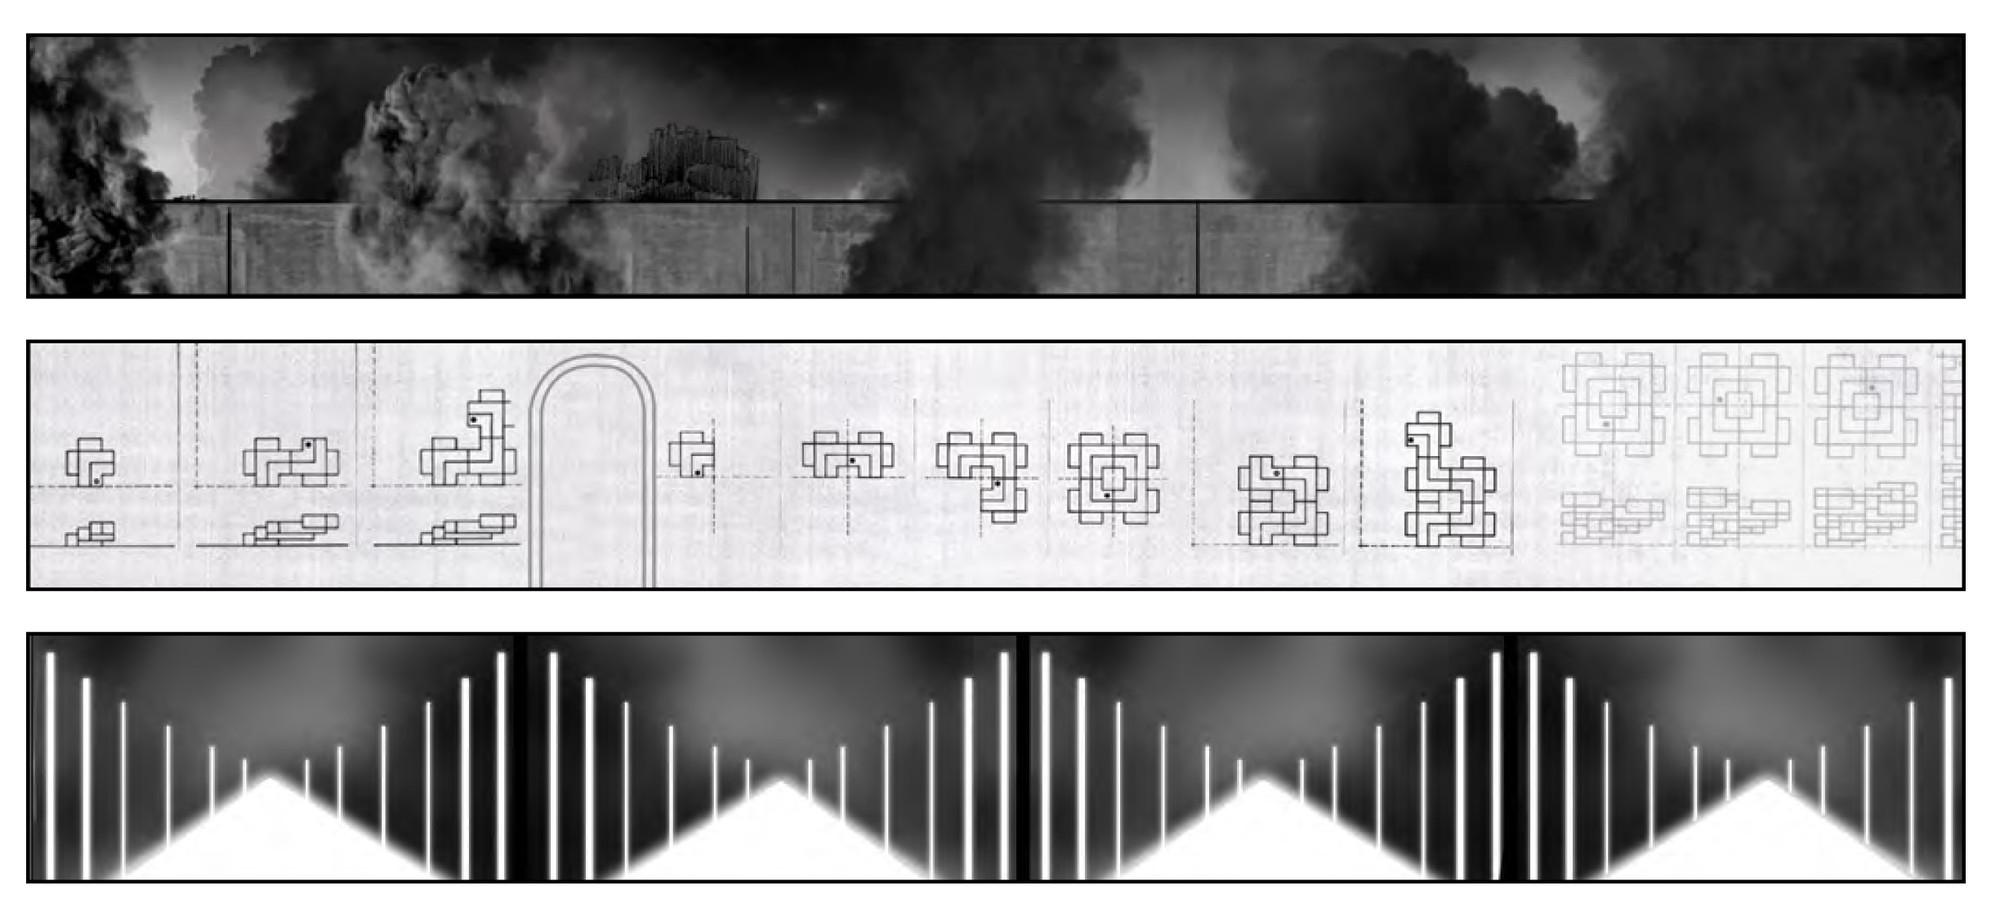 Courtesy of Ricardo Bofill Taller de Arquitectura (RBTA)